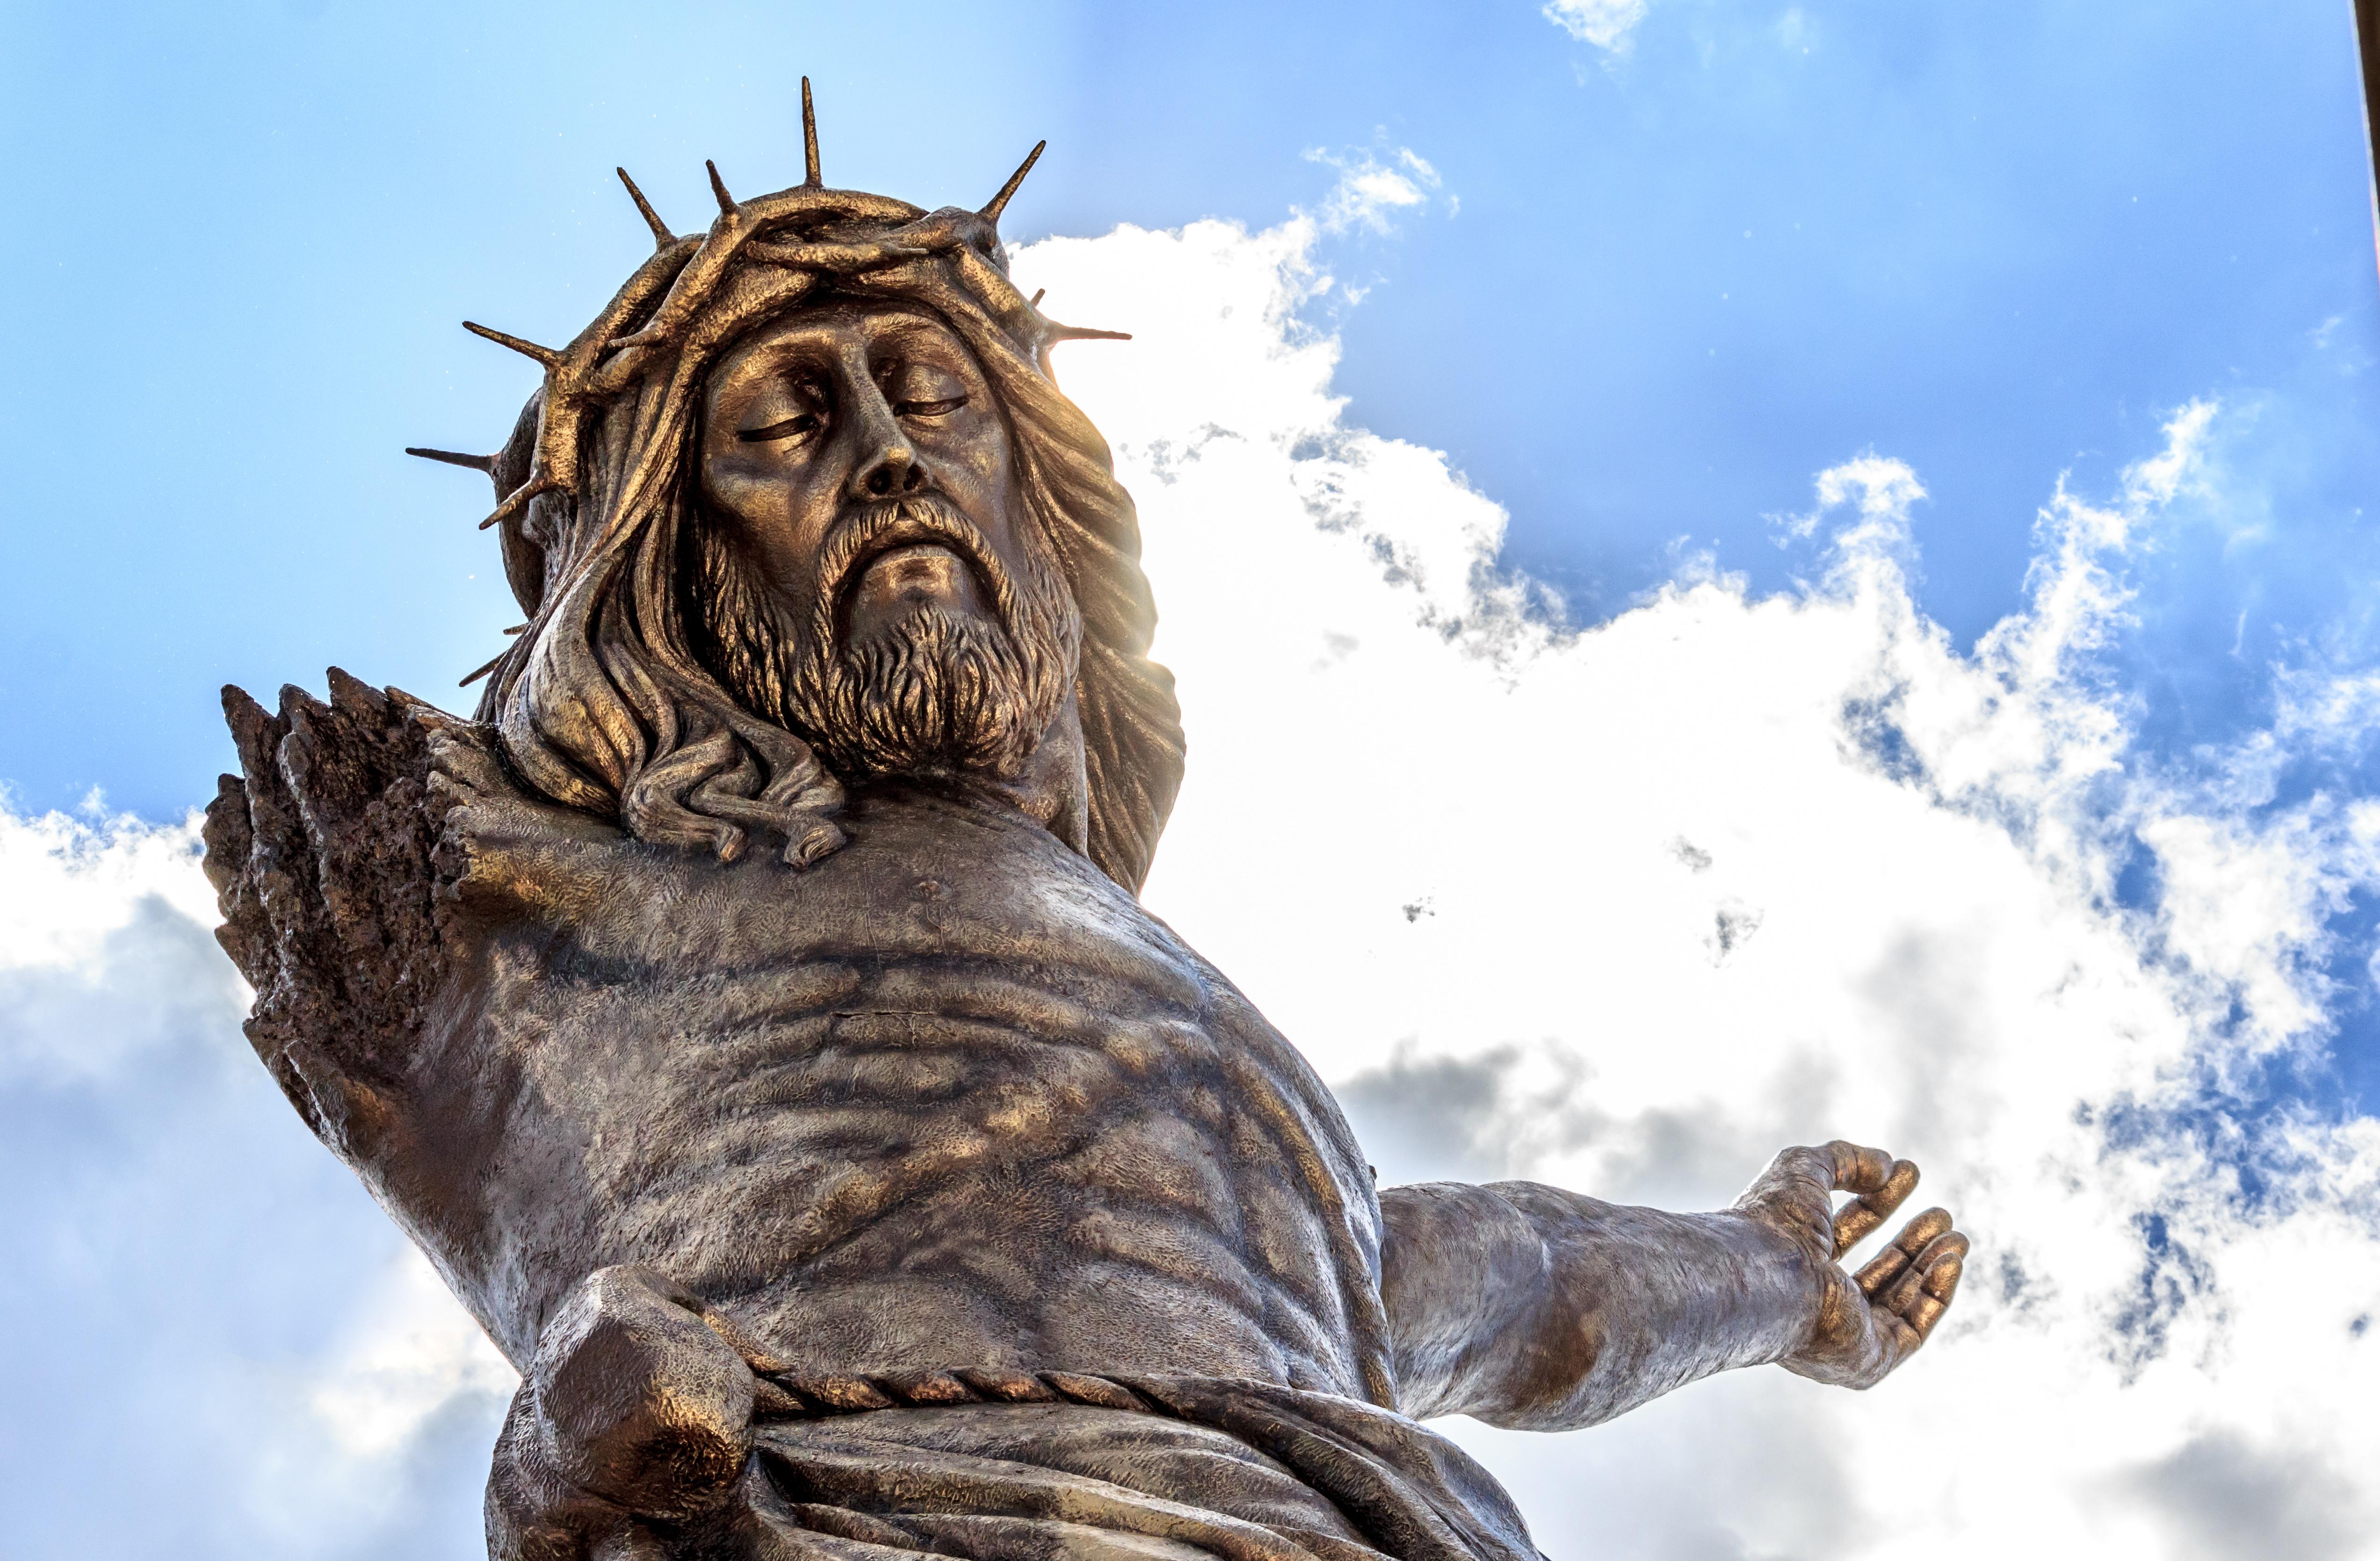 El Cristo Roto de San José de Gracia se ubica a unos 38 kilómetros de la ciudad de Aguascalientes.